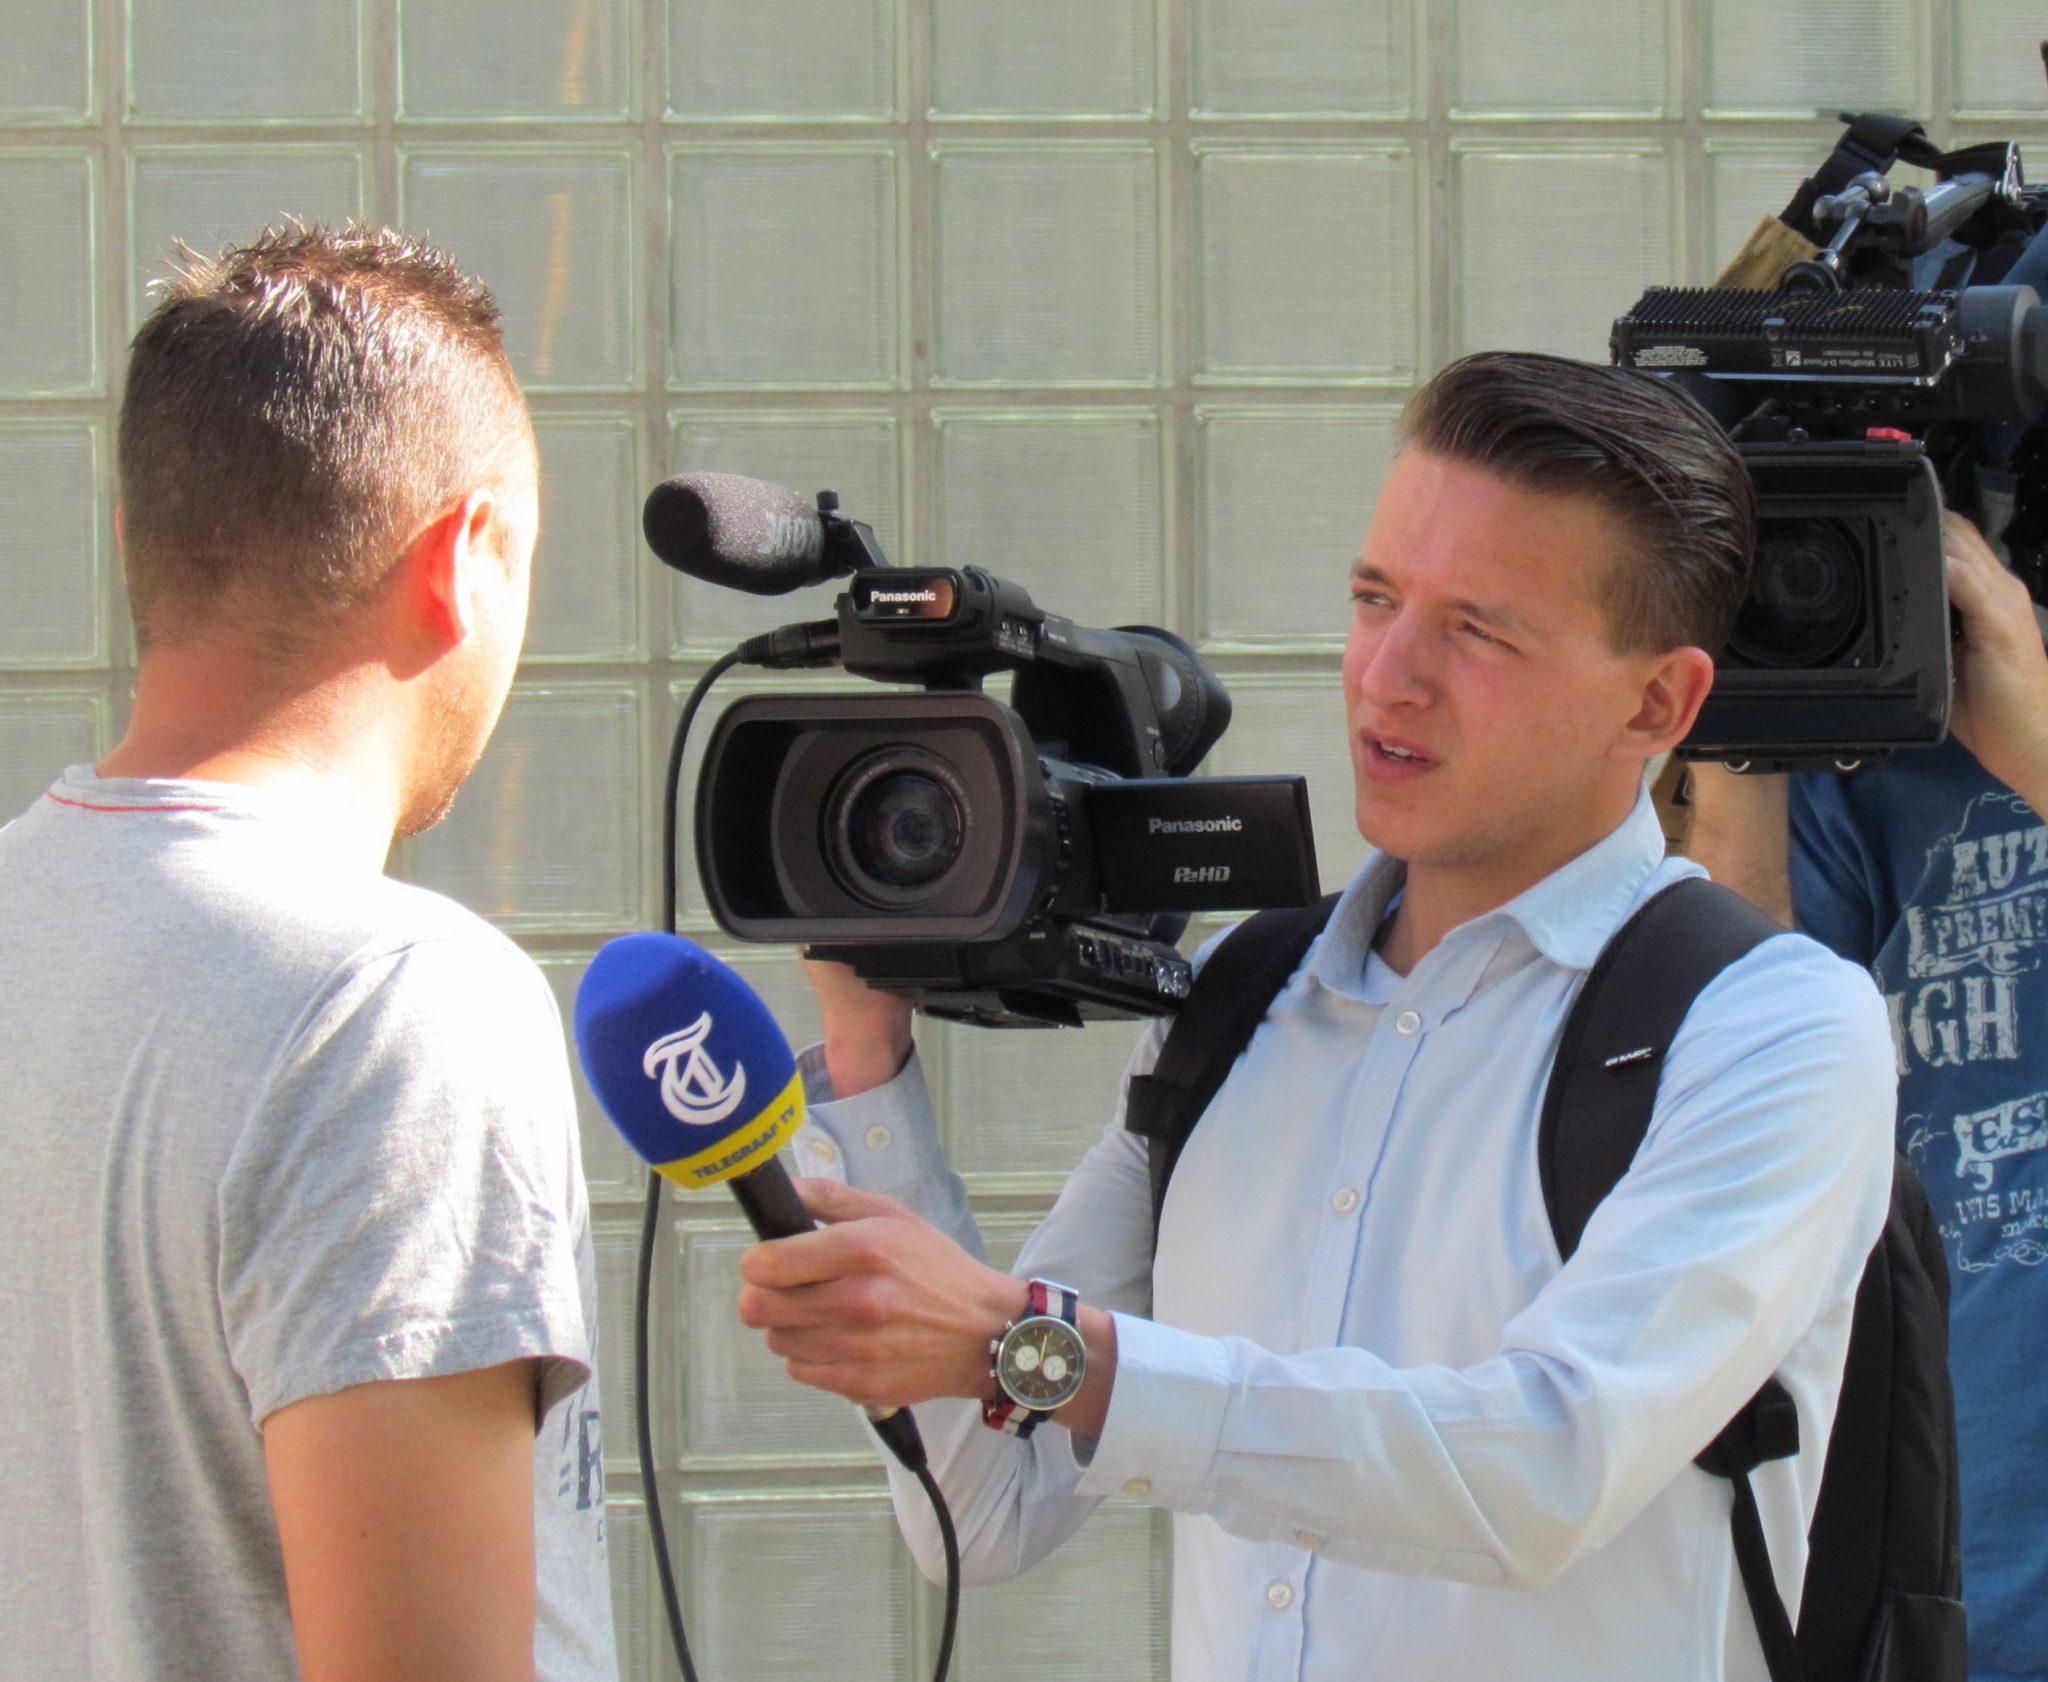 Un professionista del giornalismo durante un'intervista